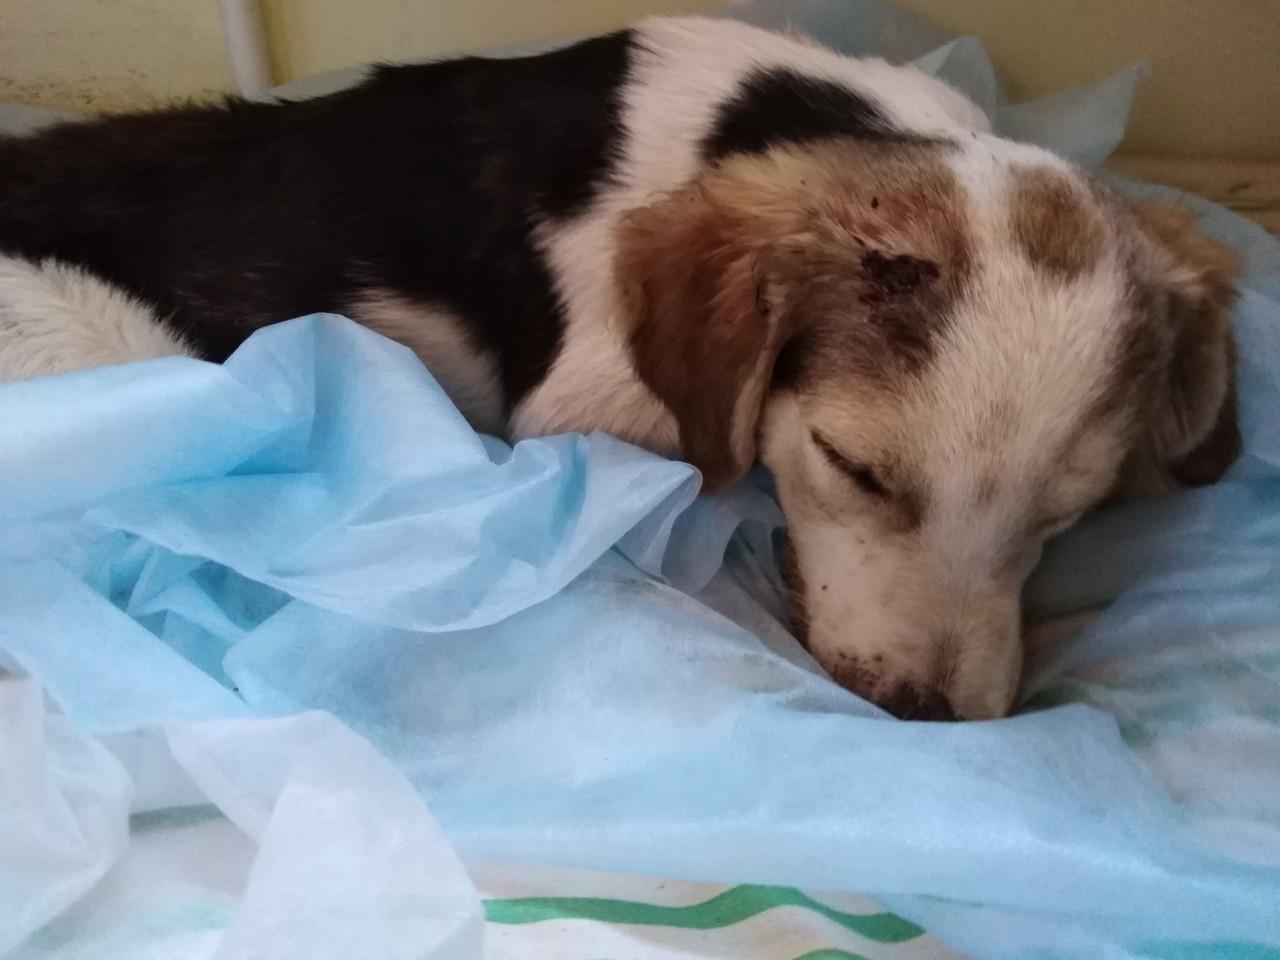 Кидал на асфальт и швырял через забор: в Крыму мужчина жестоко избил щенка